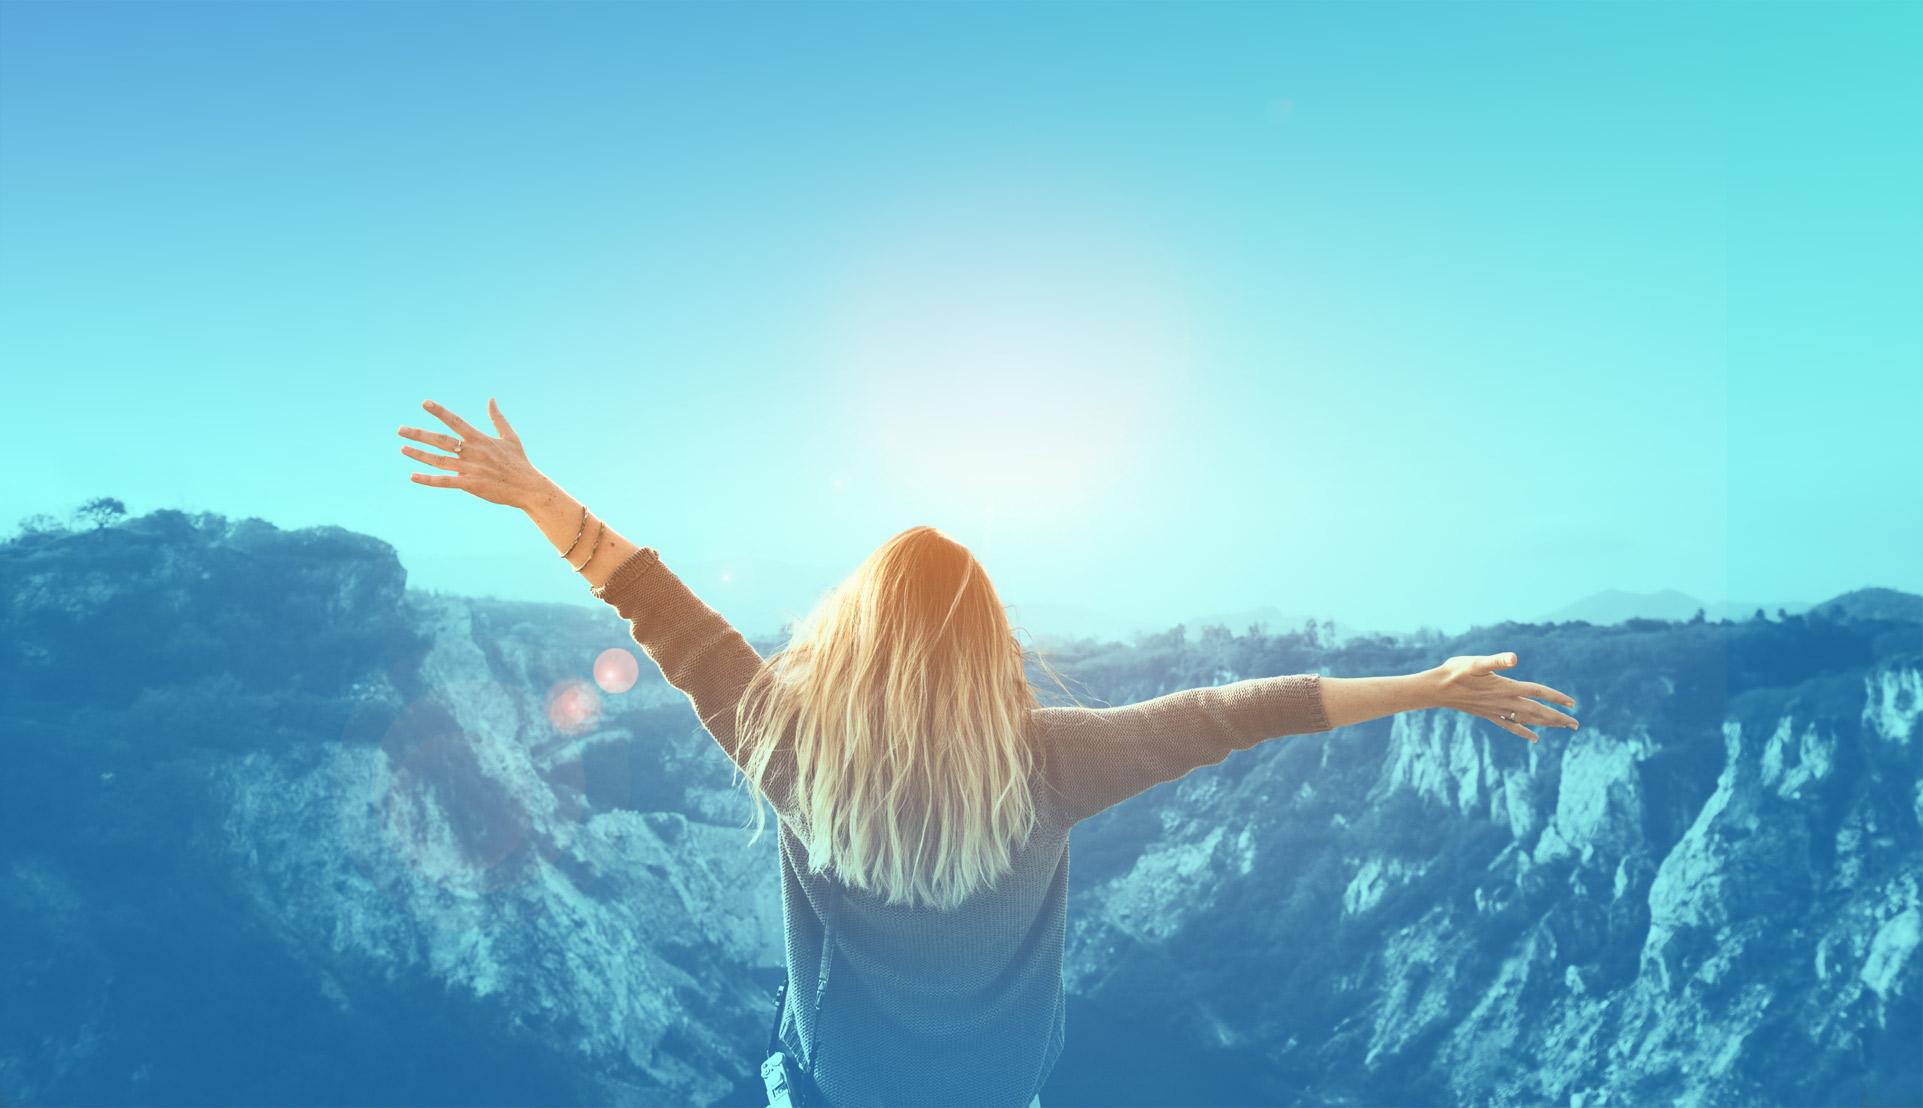 Angst überwinden - Glücksdetektiv